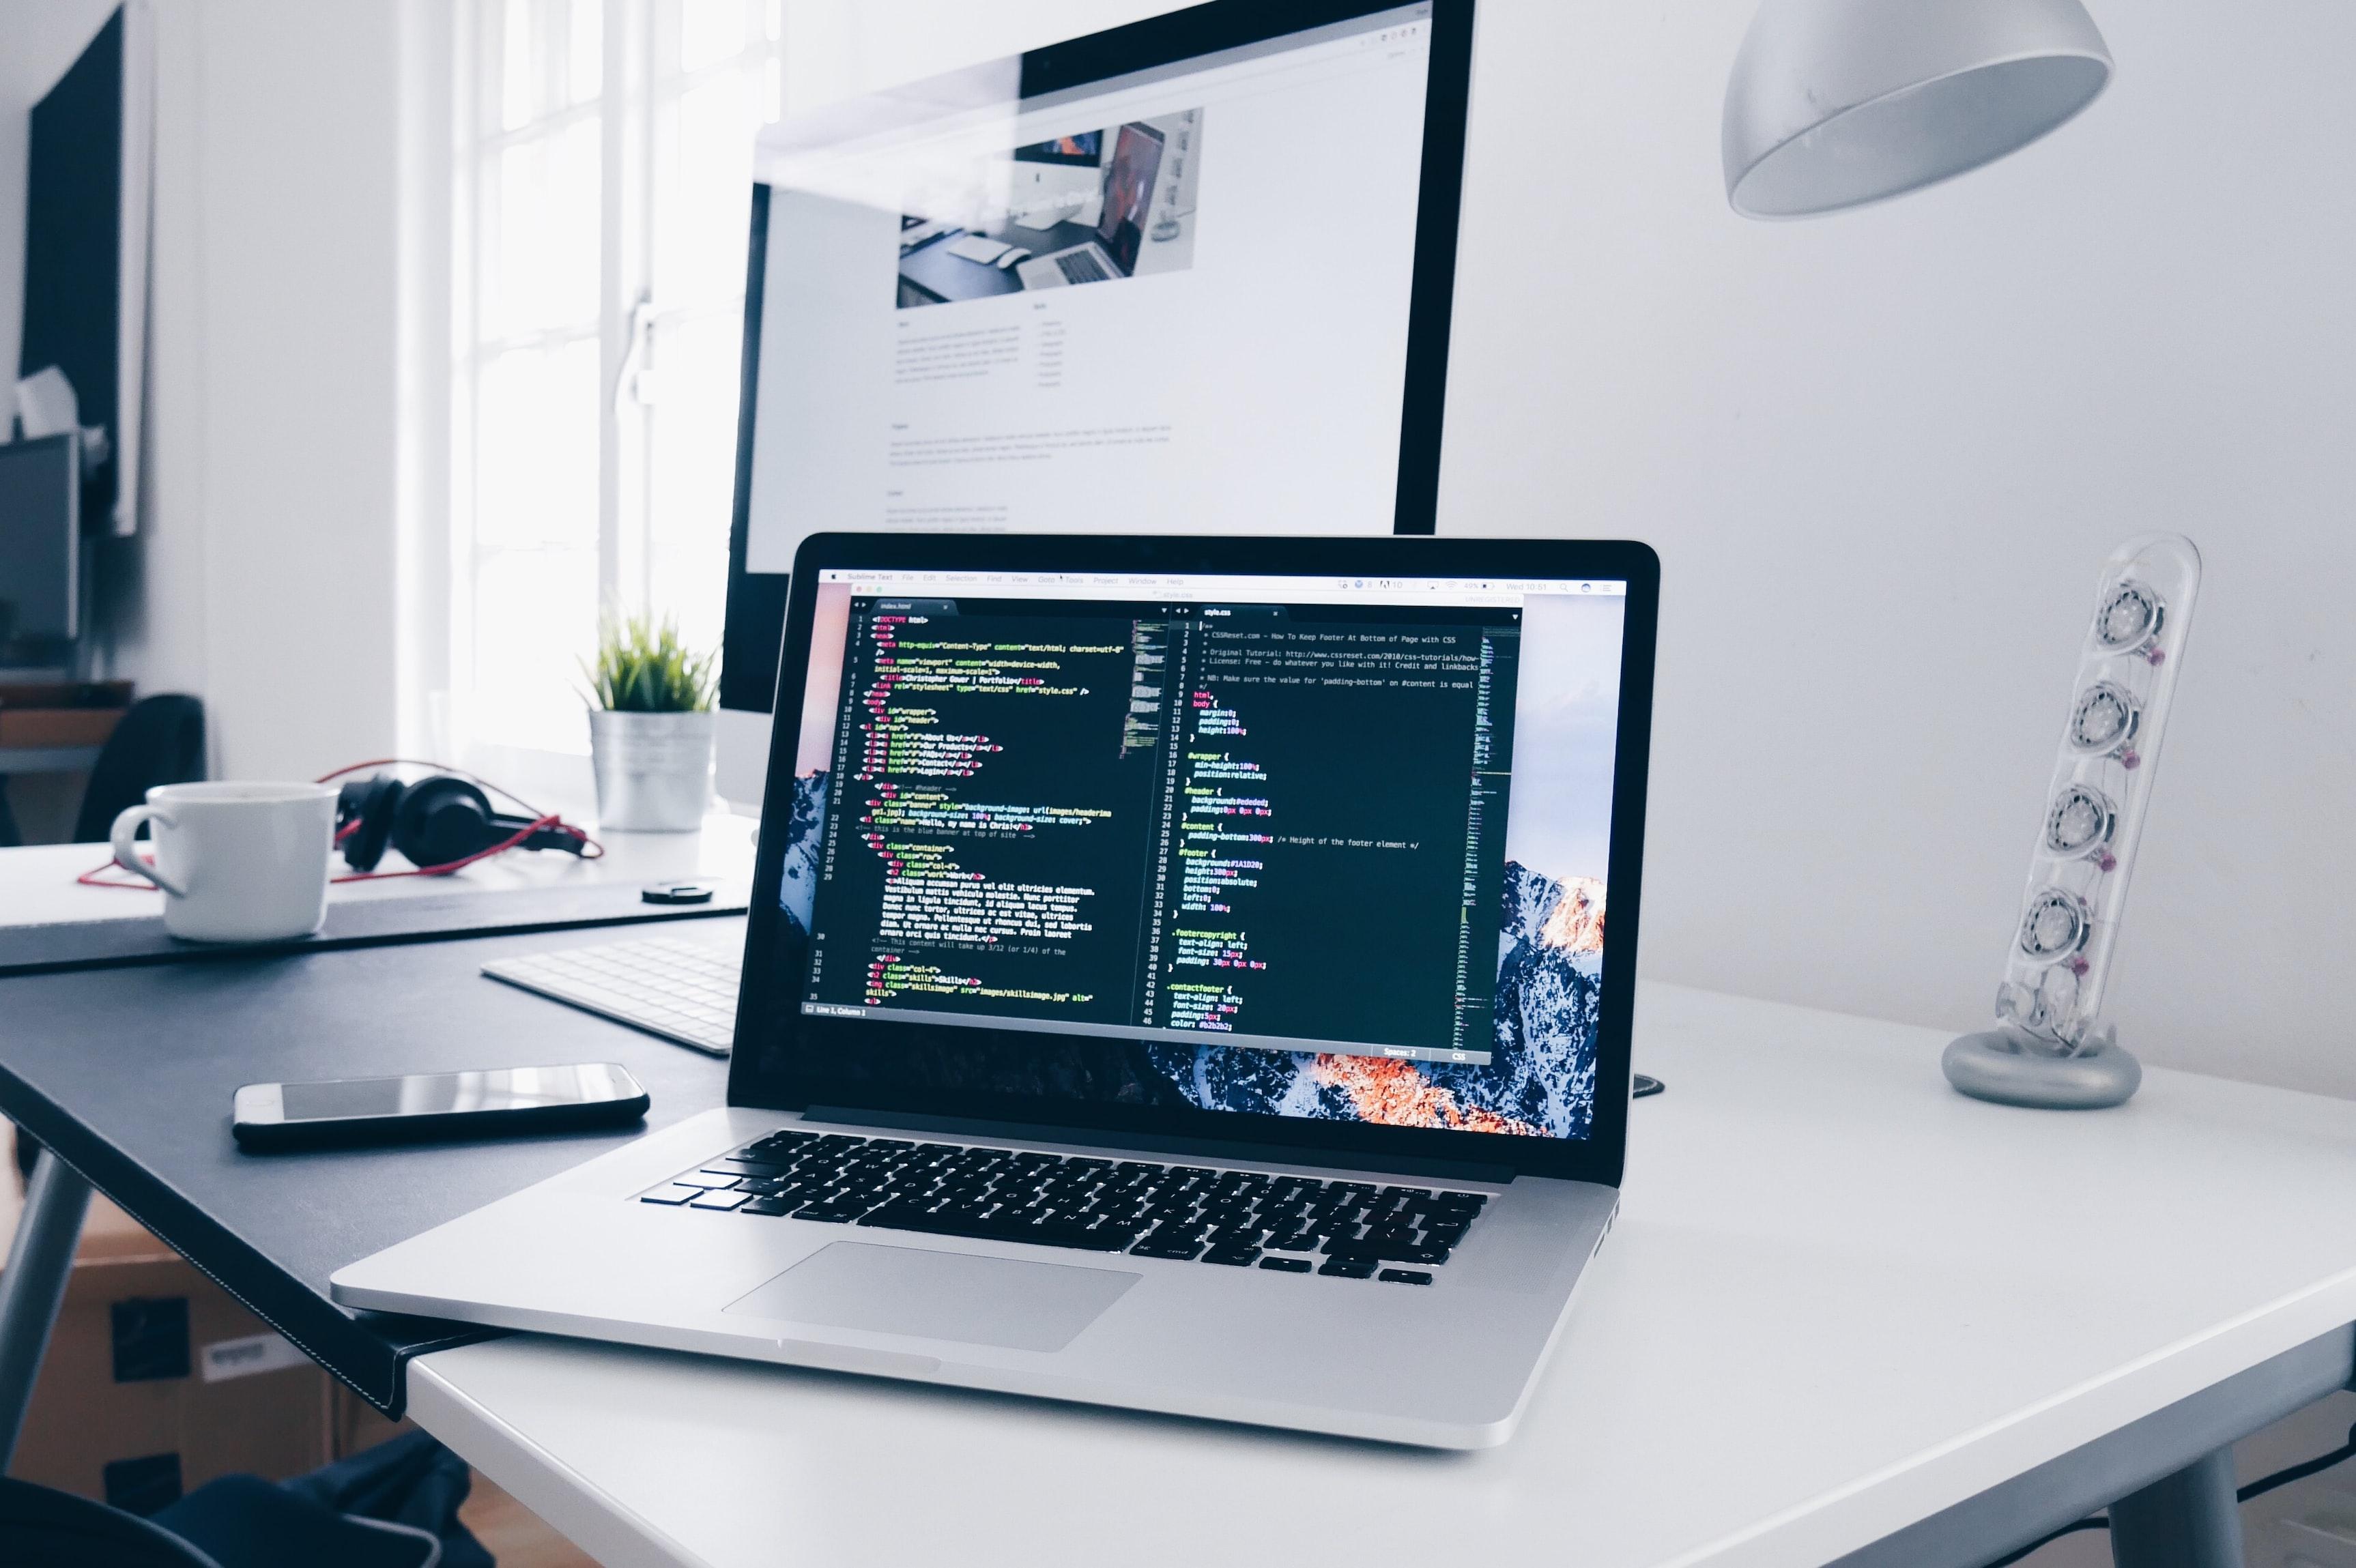 macbook with lines of code